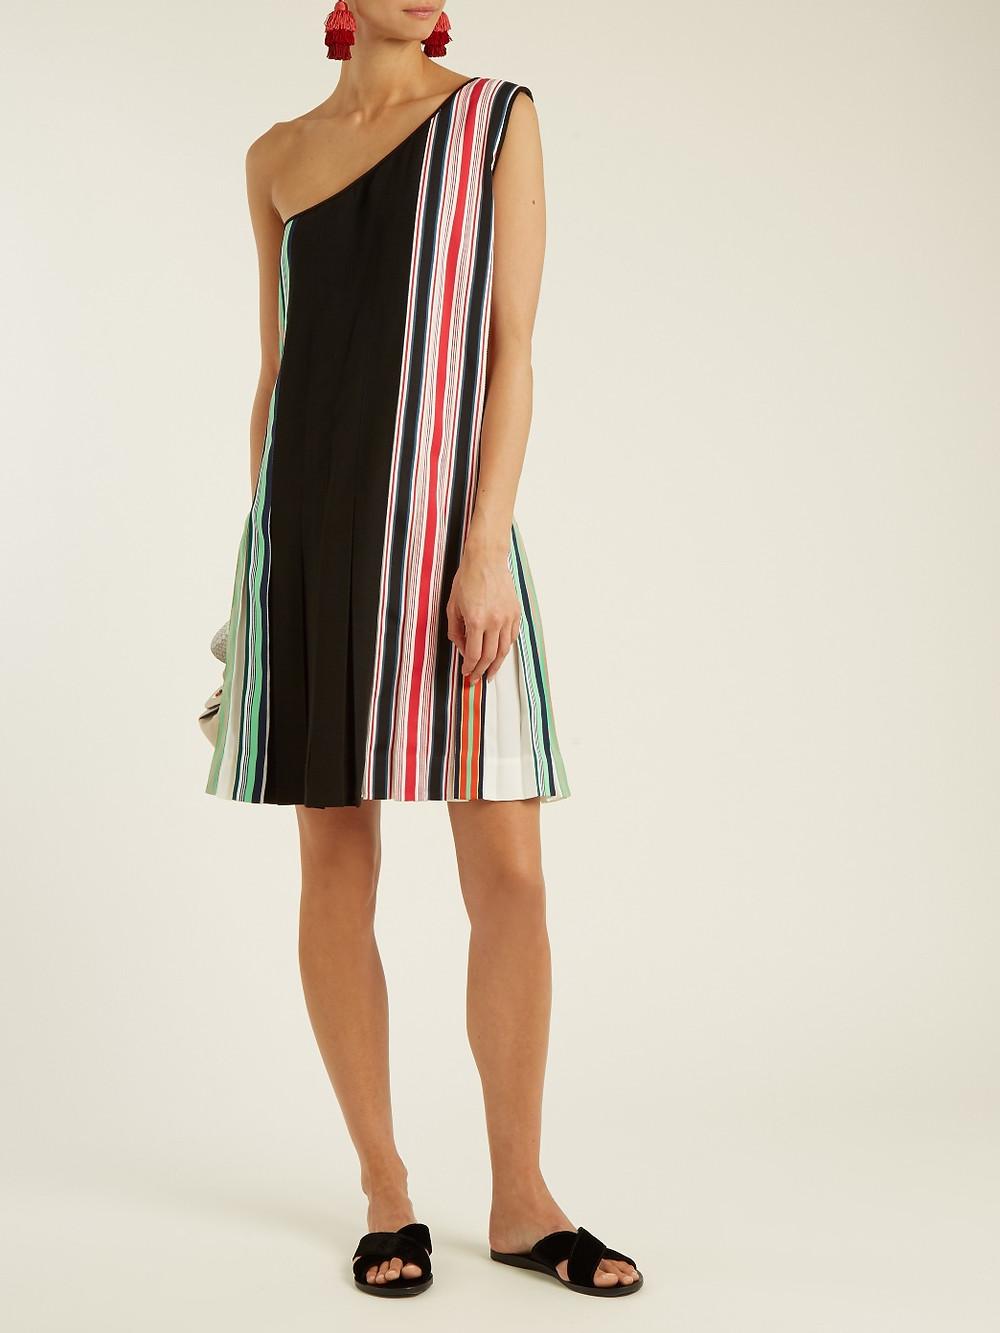 Diane Von Furstenberg  One-shoulder pleated dress $572